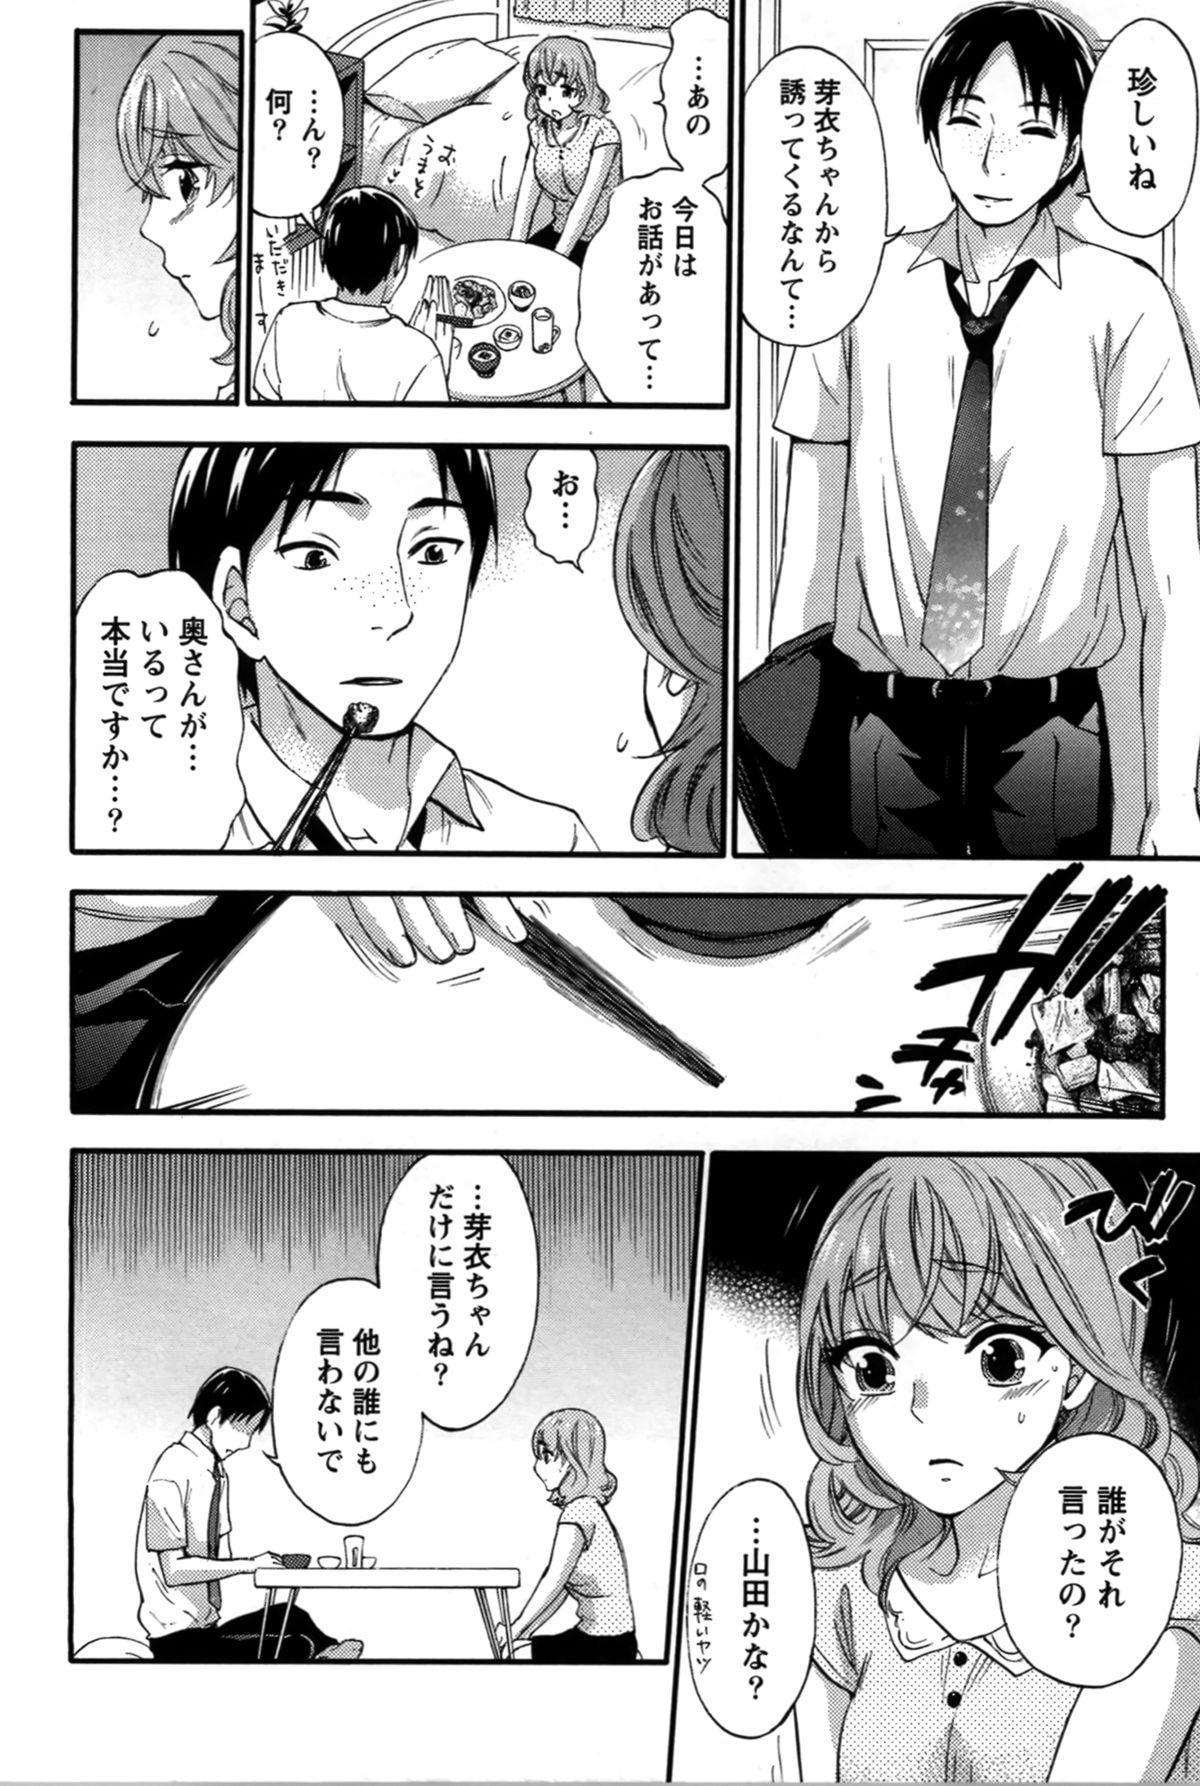 Anata to Watashi wa Warukunai 78